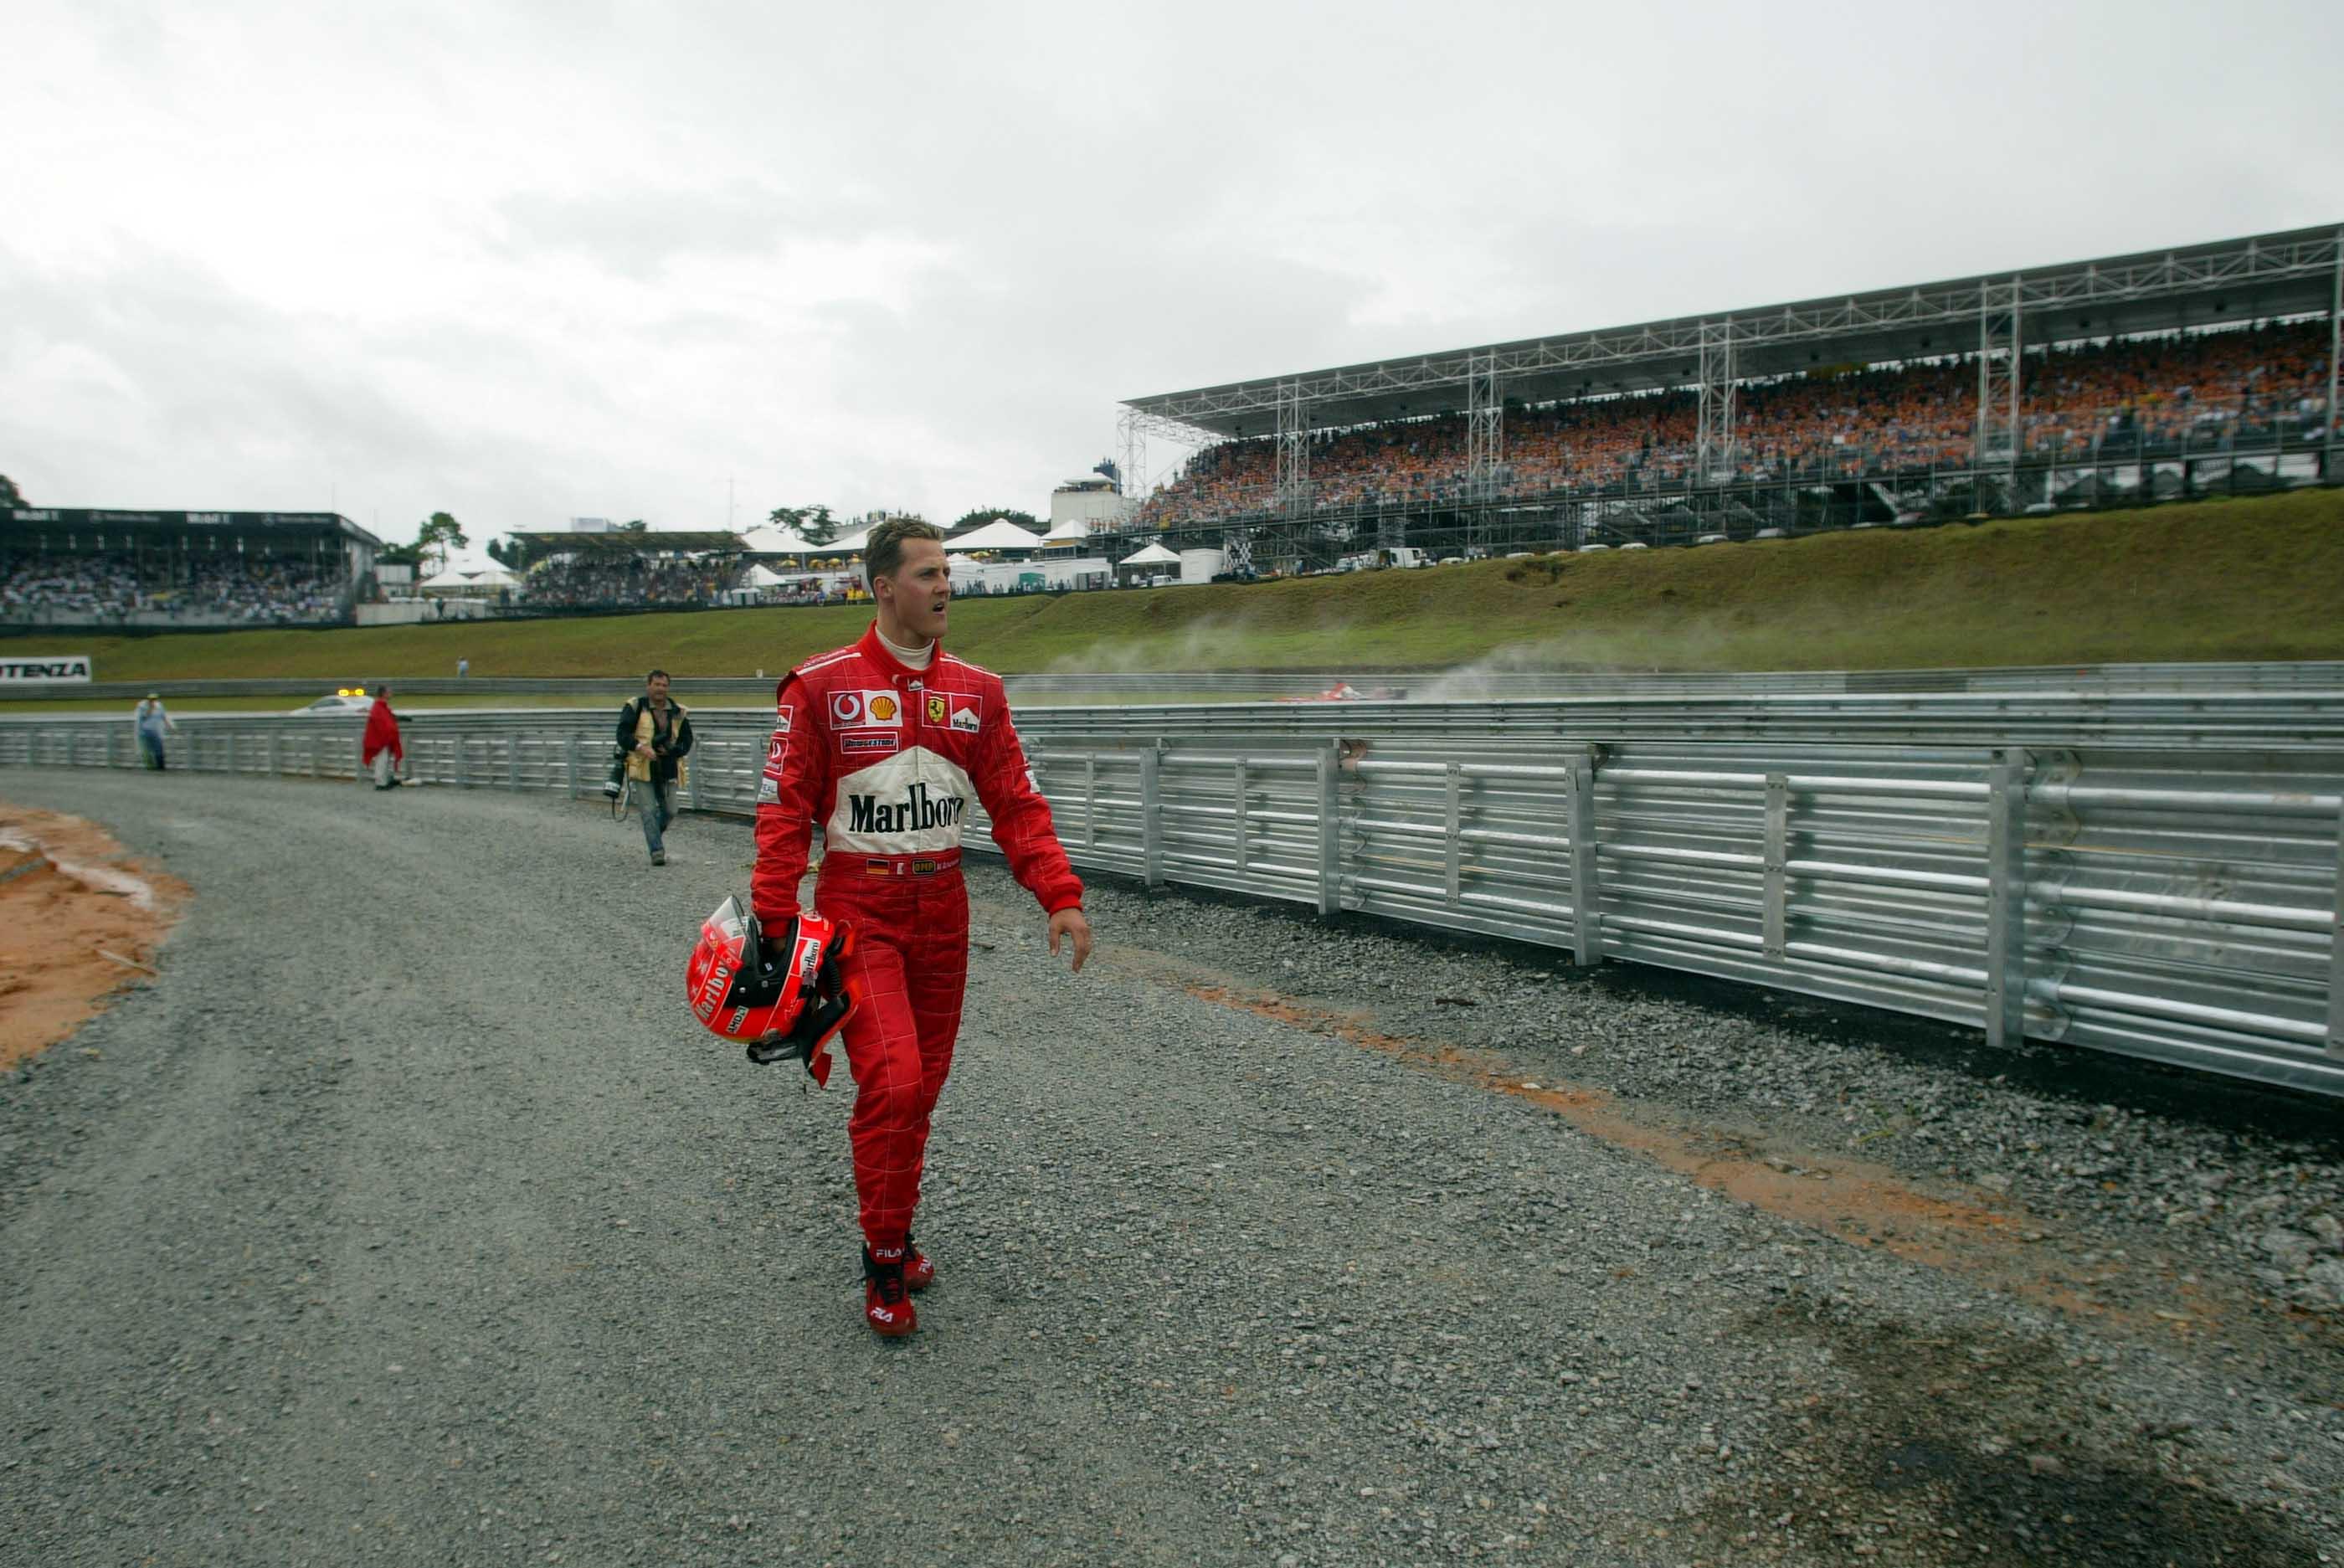 Sao Paolo, F1, So, Rennen, Michael Schumacher (d, Ferrari) Box